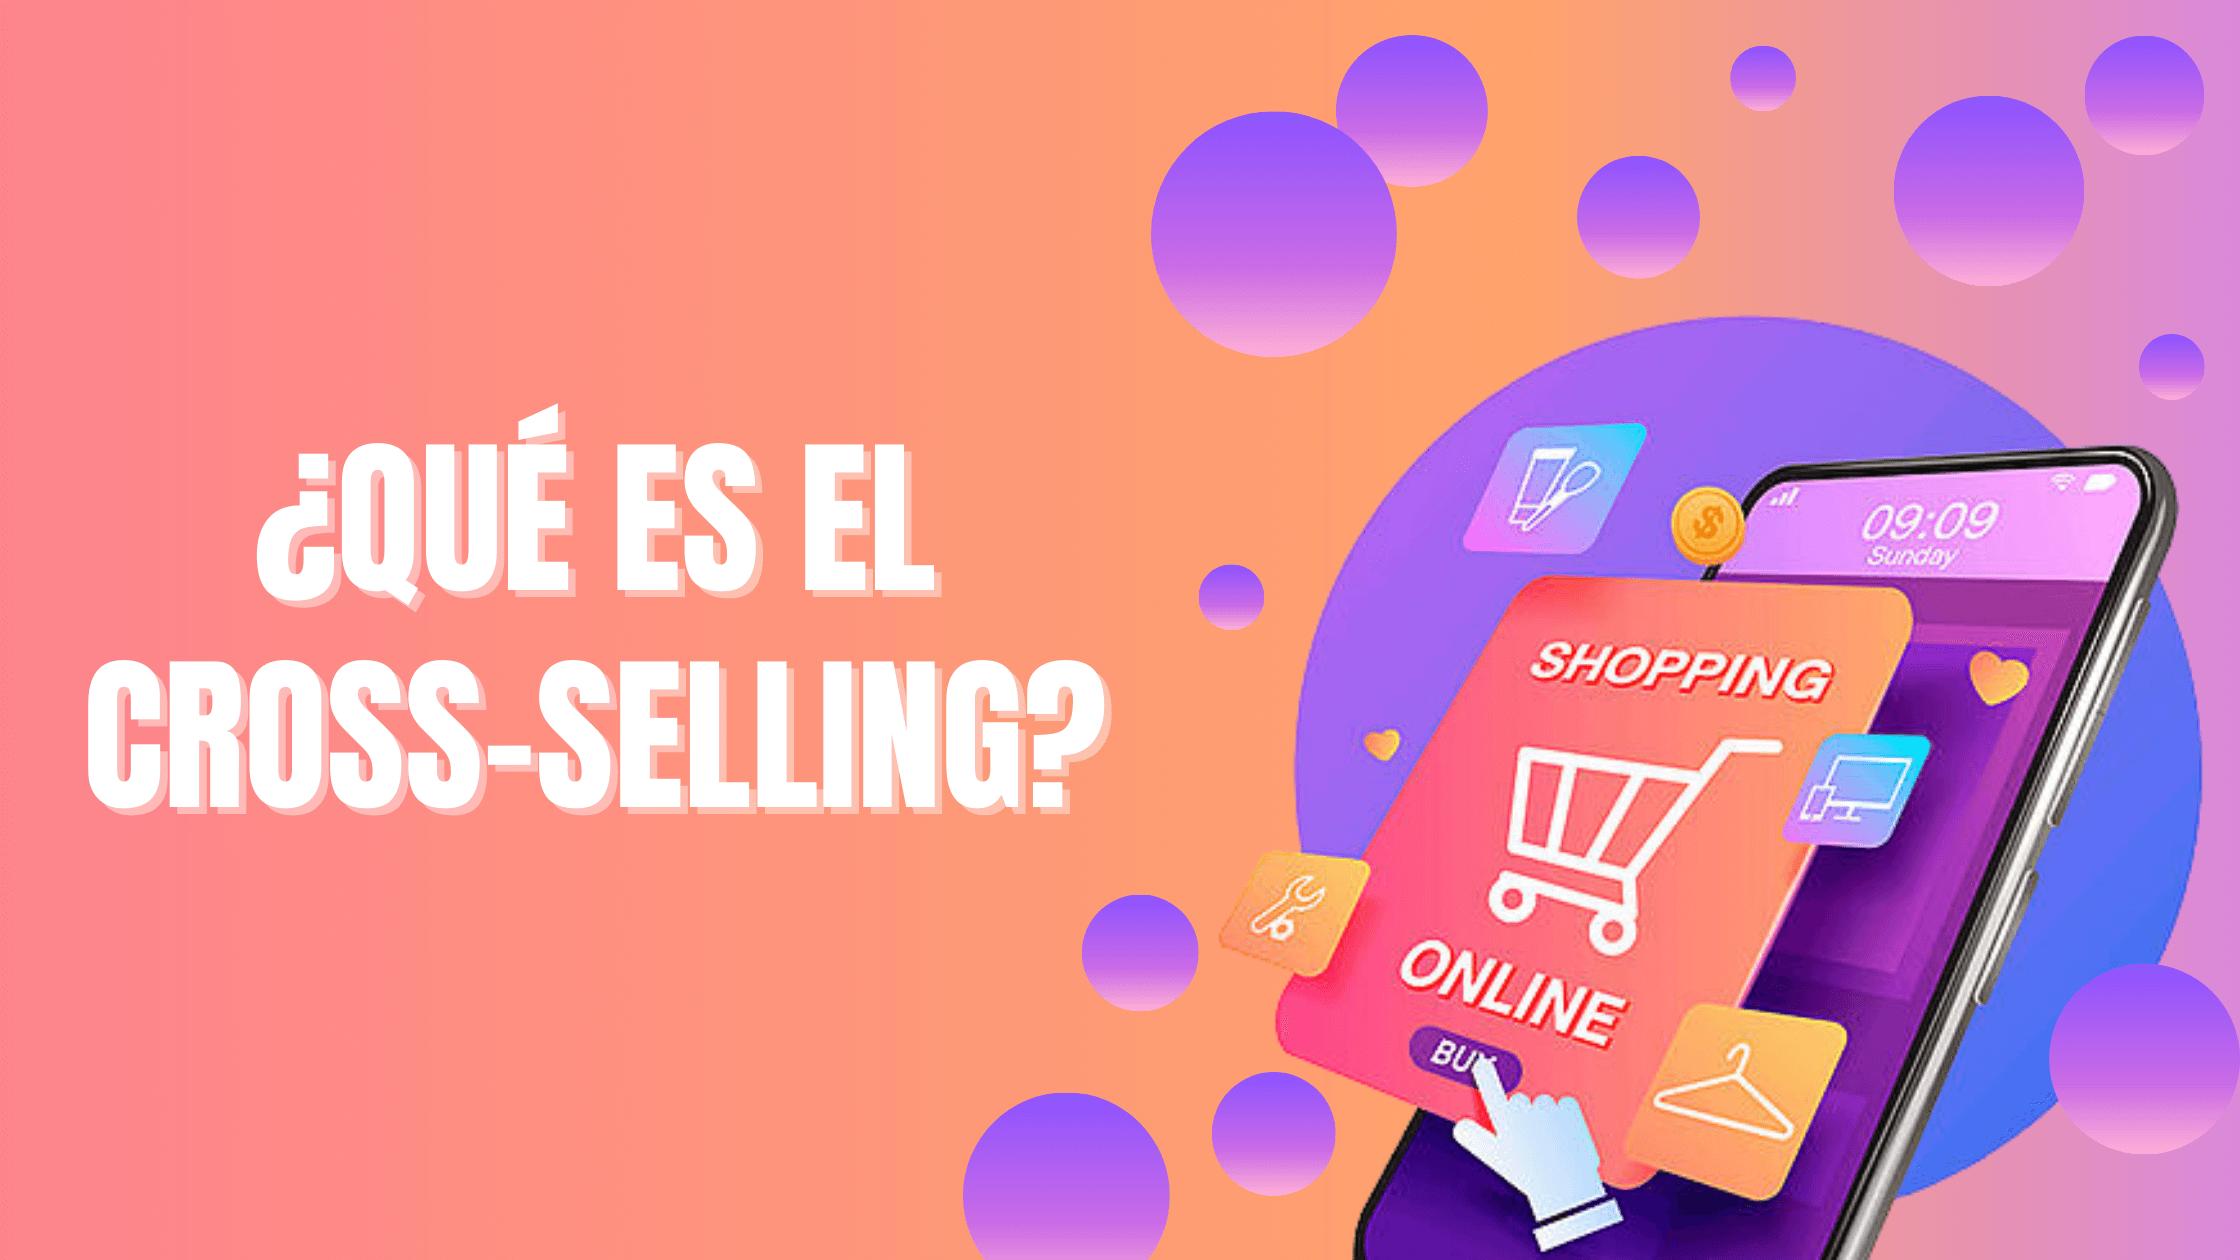 ¿Qué es el cross-selling?